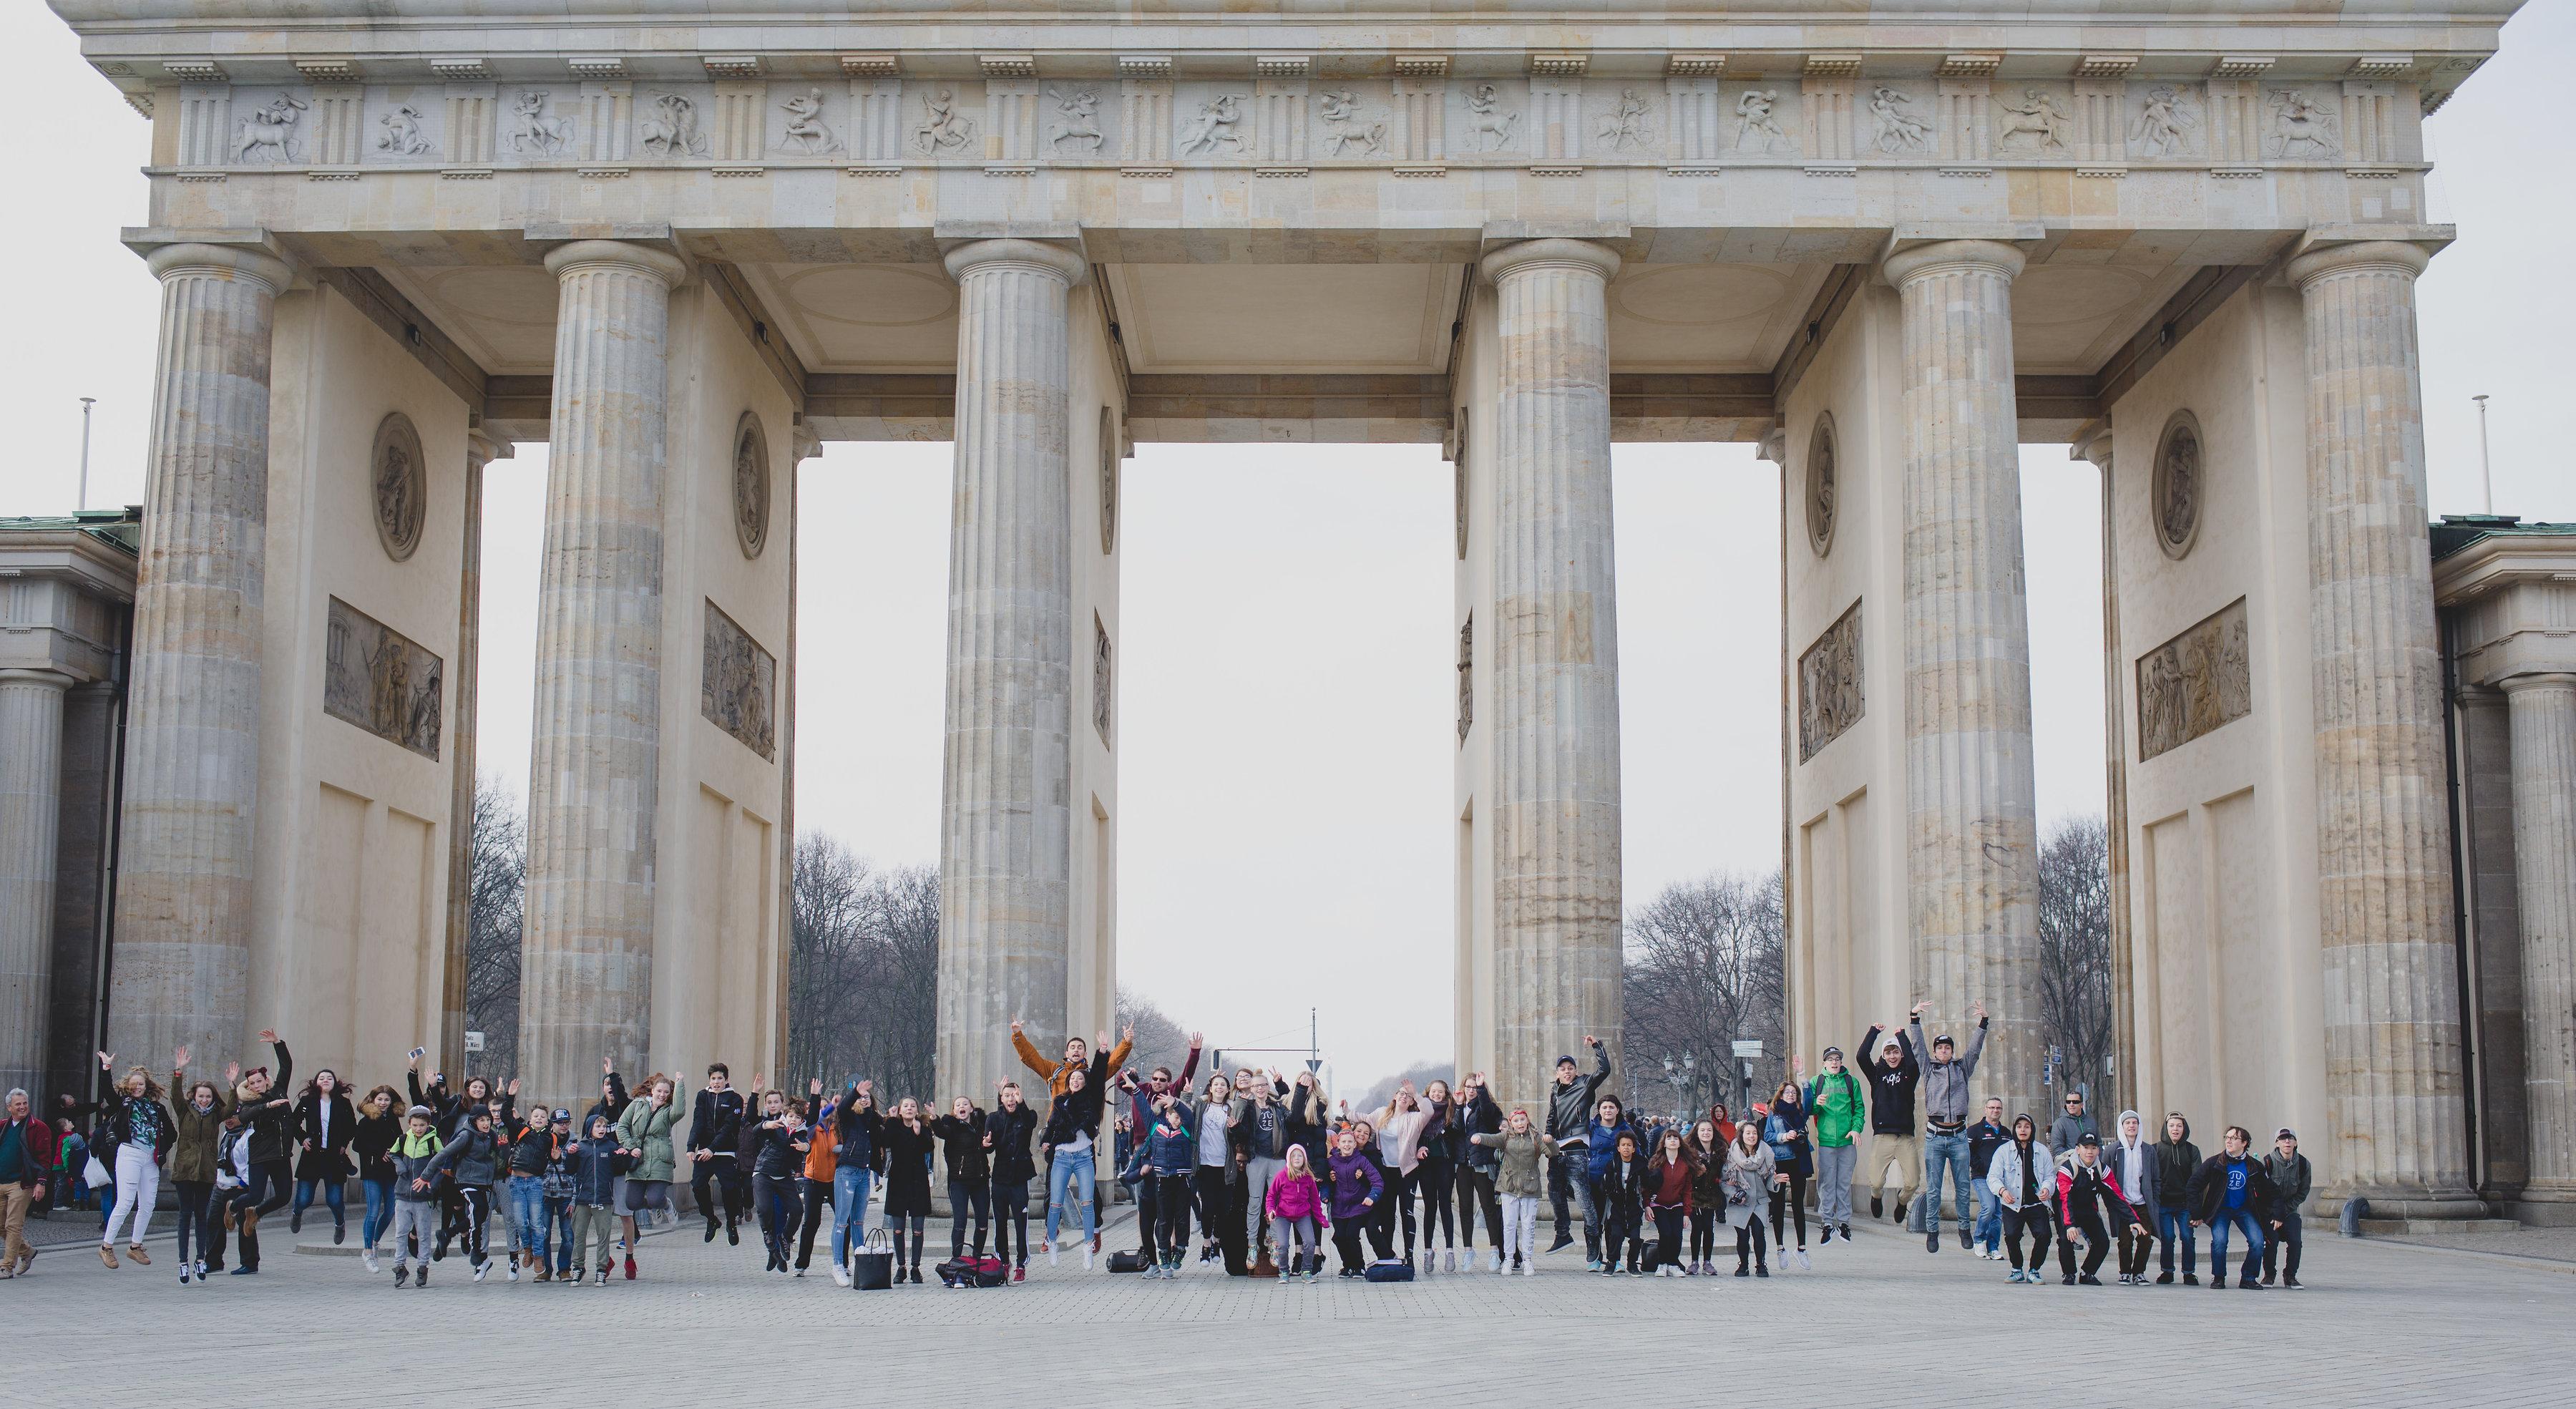 CS_juzelohr-berlin-235